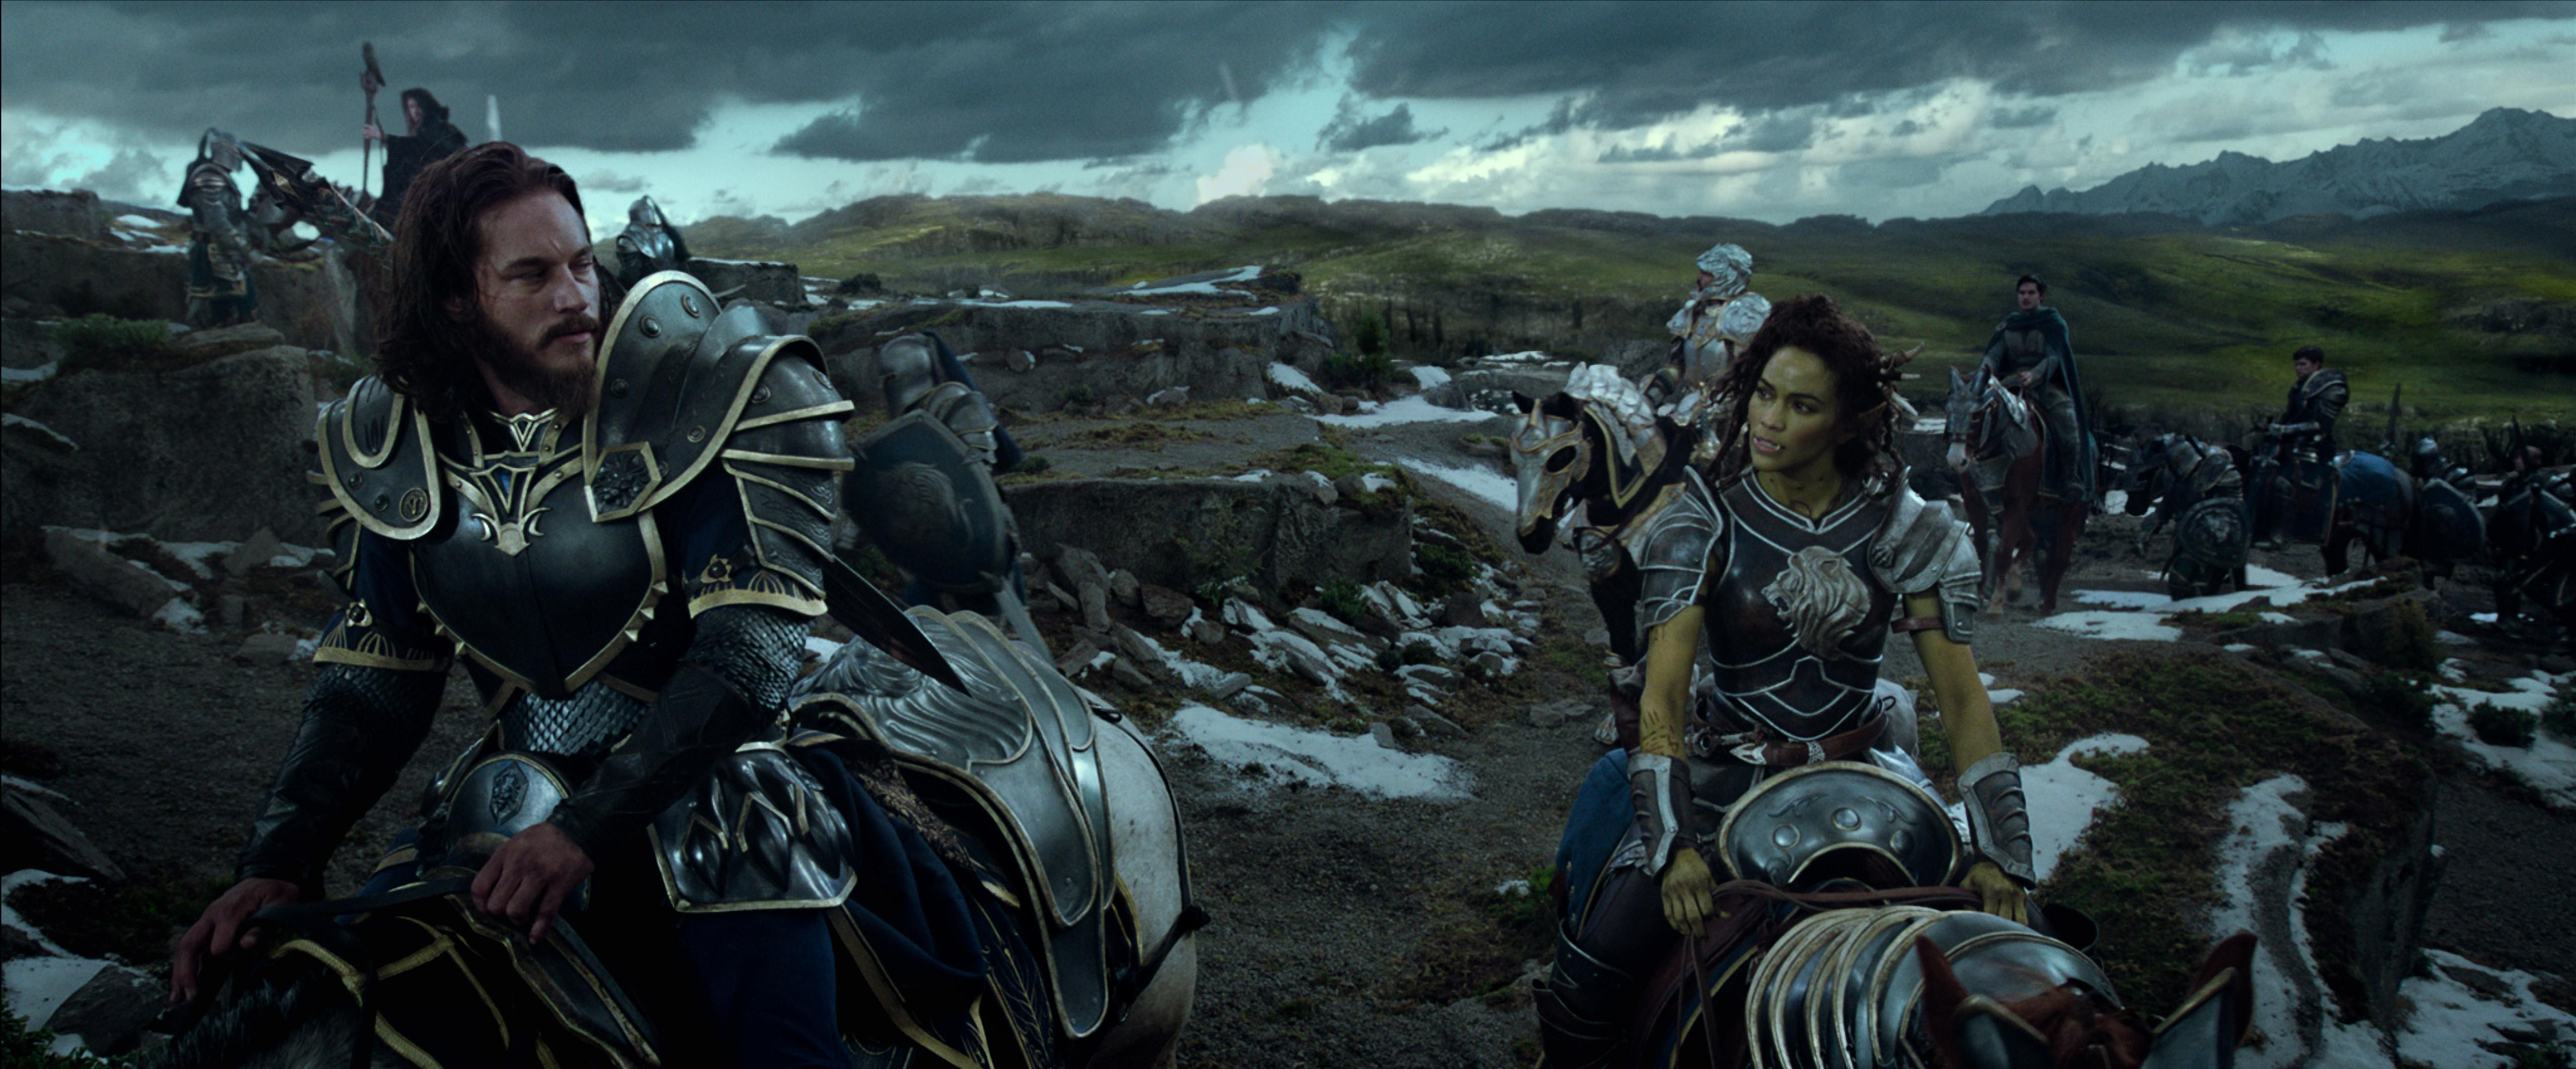 Warcraft nie podbił ani serc krytyków, ani piratów